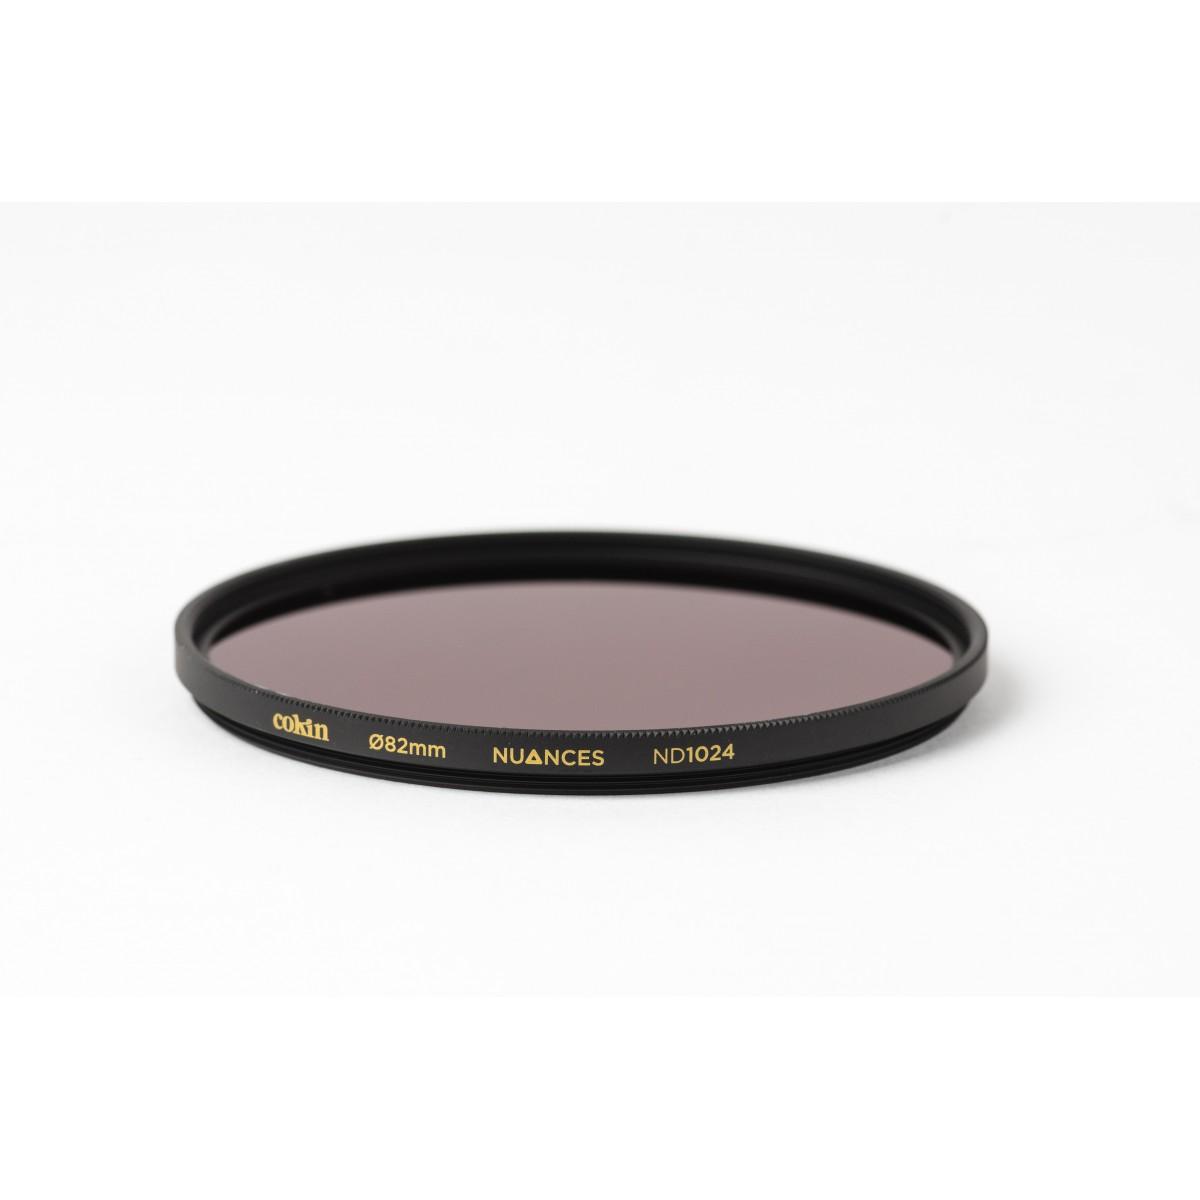 COKIN NUANCES - Filtre Densité Neutre vissant ND1024 - 82mm